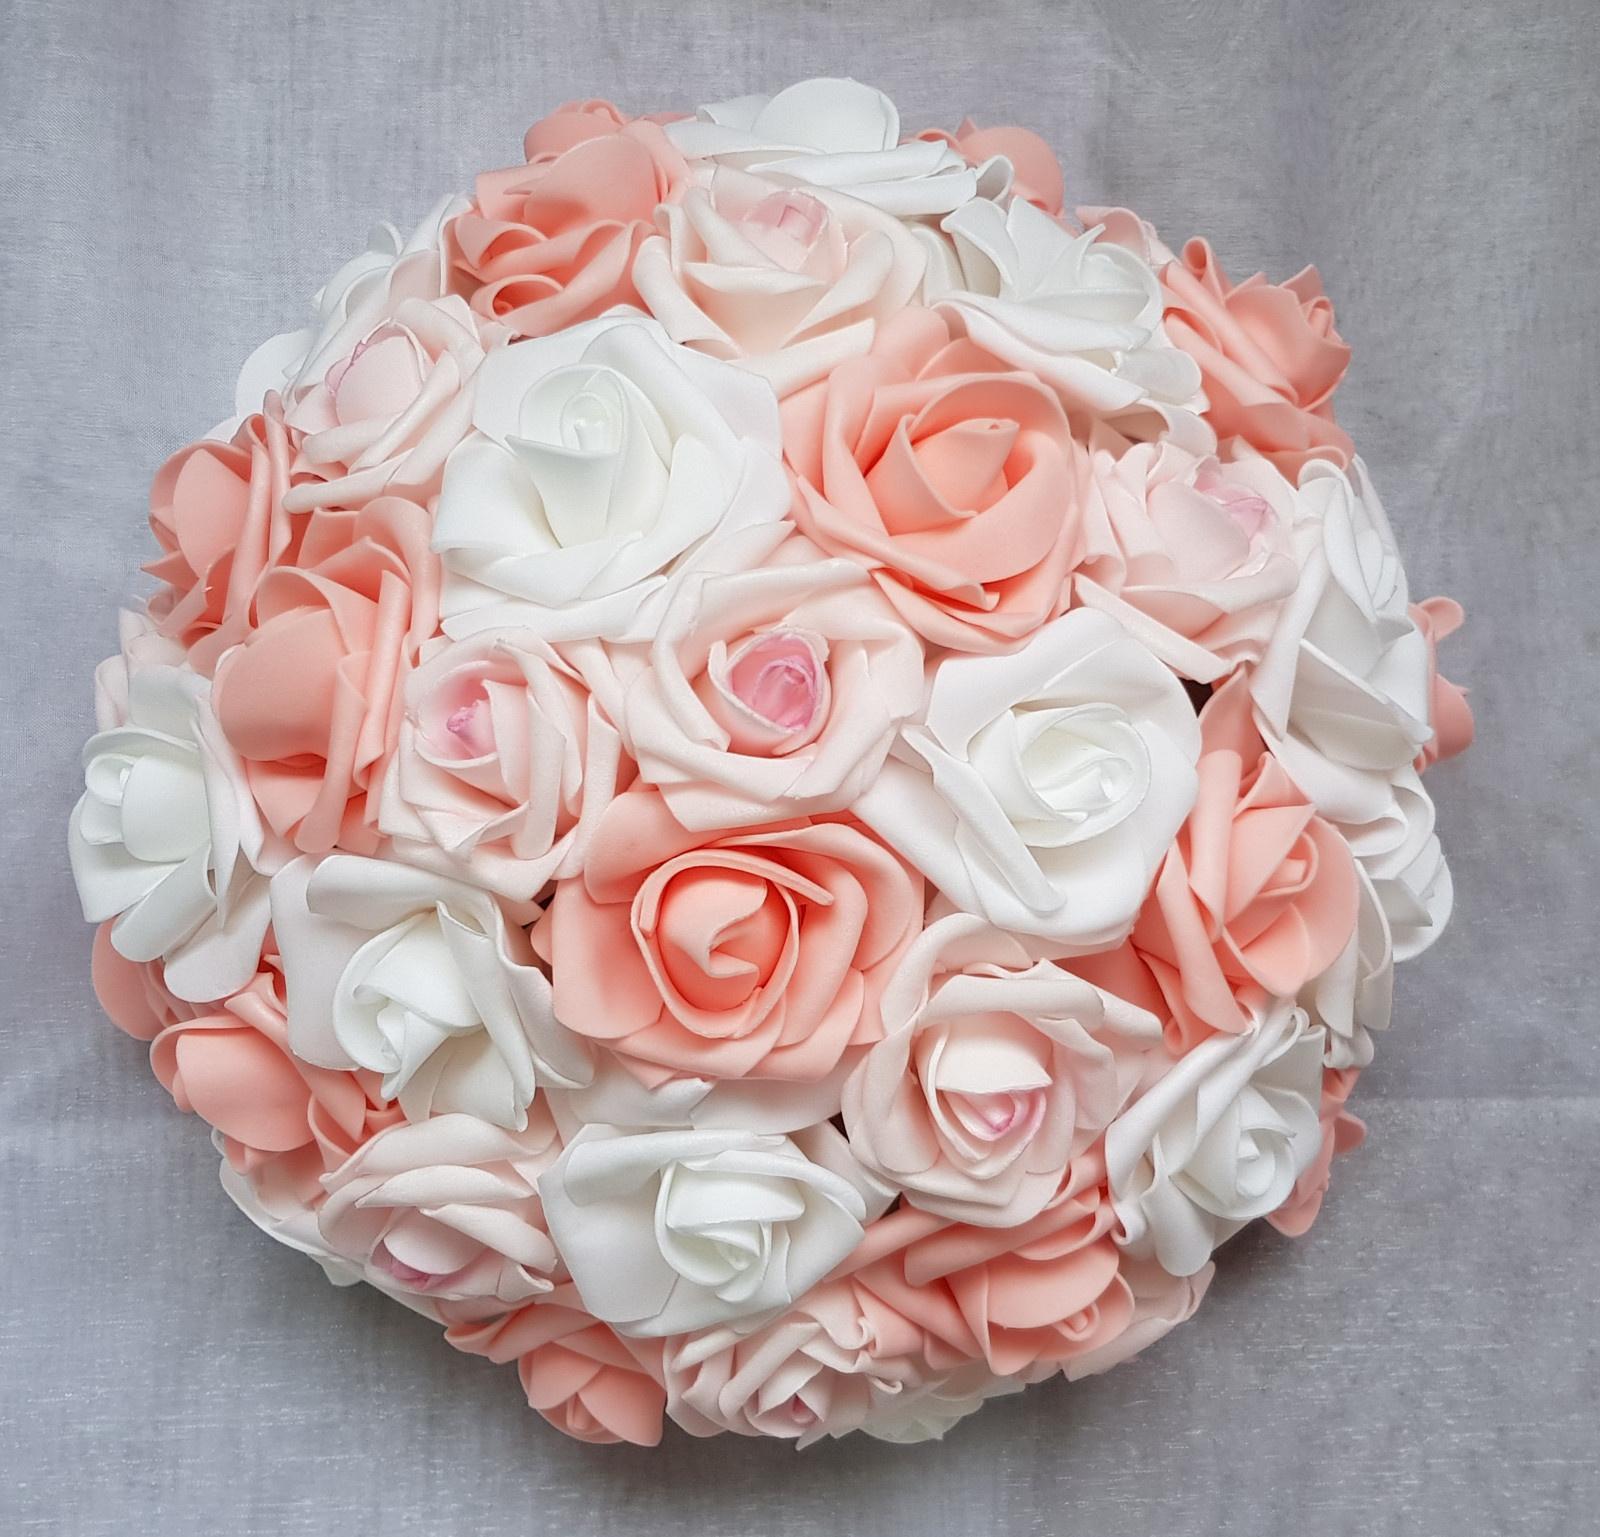 Buket na svatební auto růžová/bílá/broskvová - Obrázek č. 1